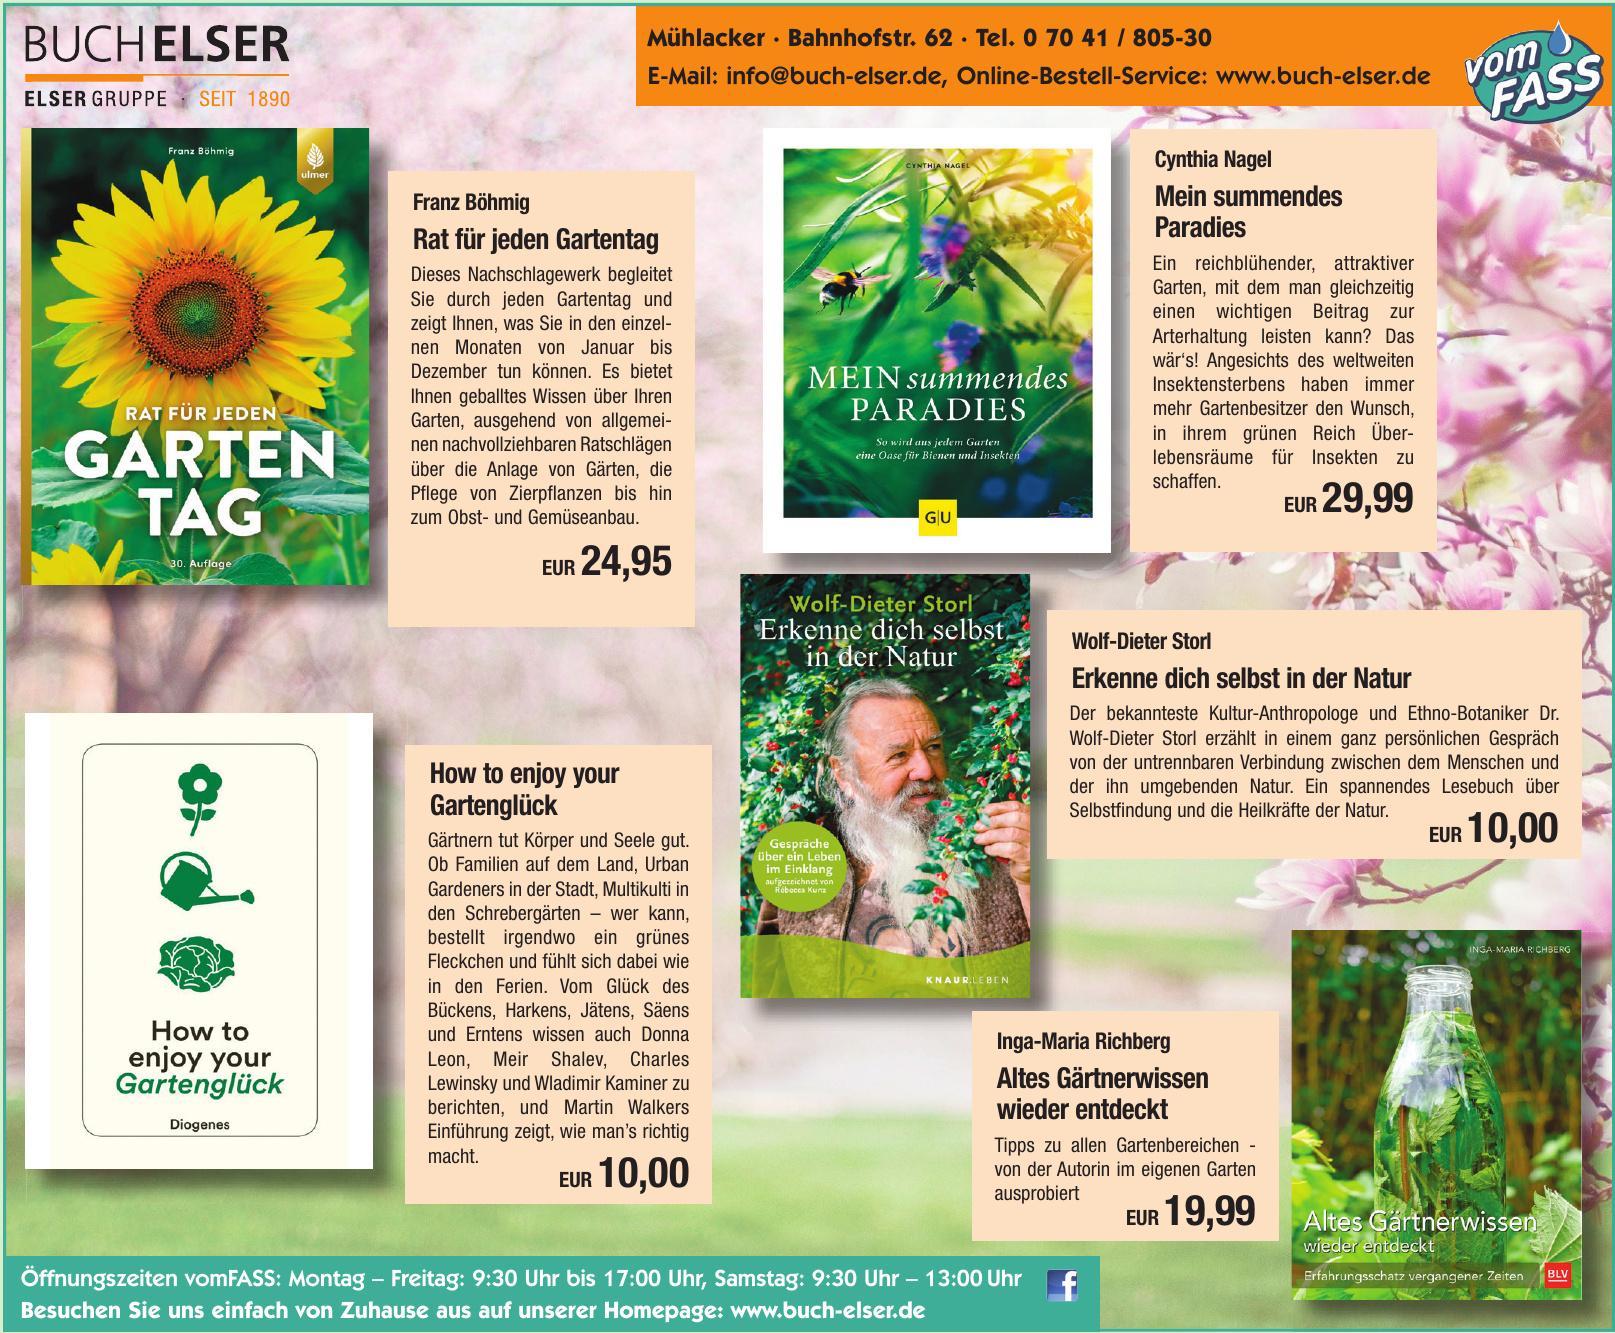 Buch Elser Inh.Hans-Ulrich Wetzel e.K.